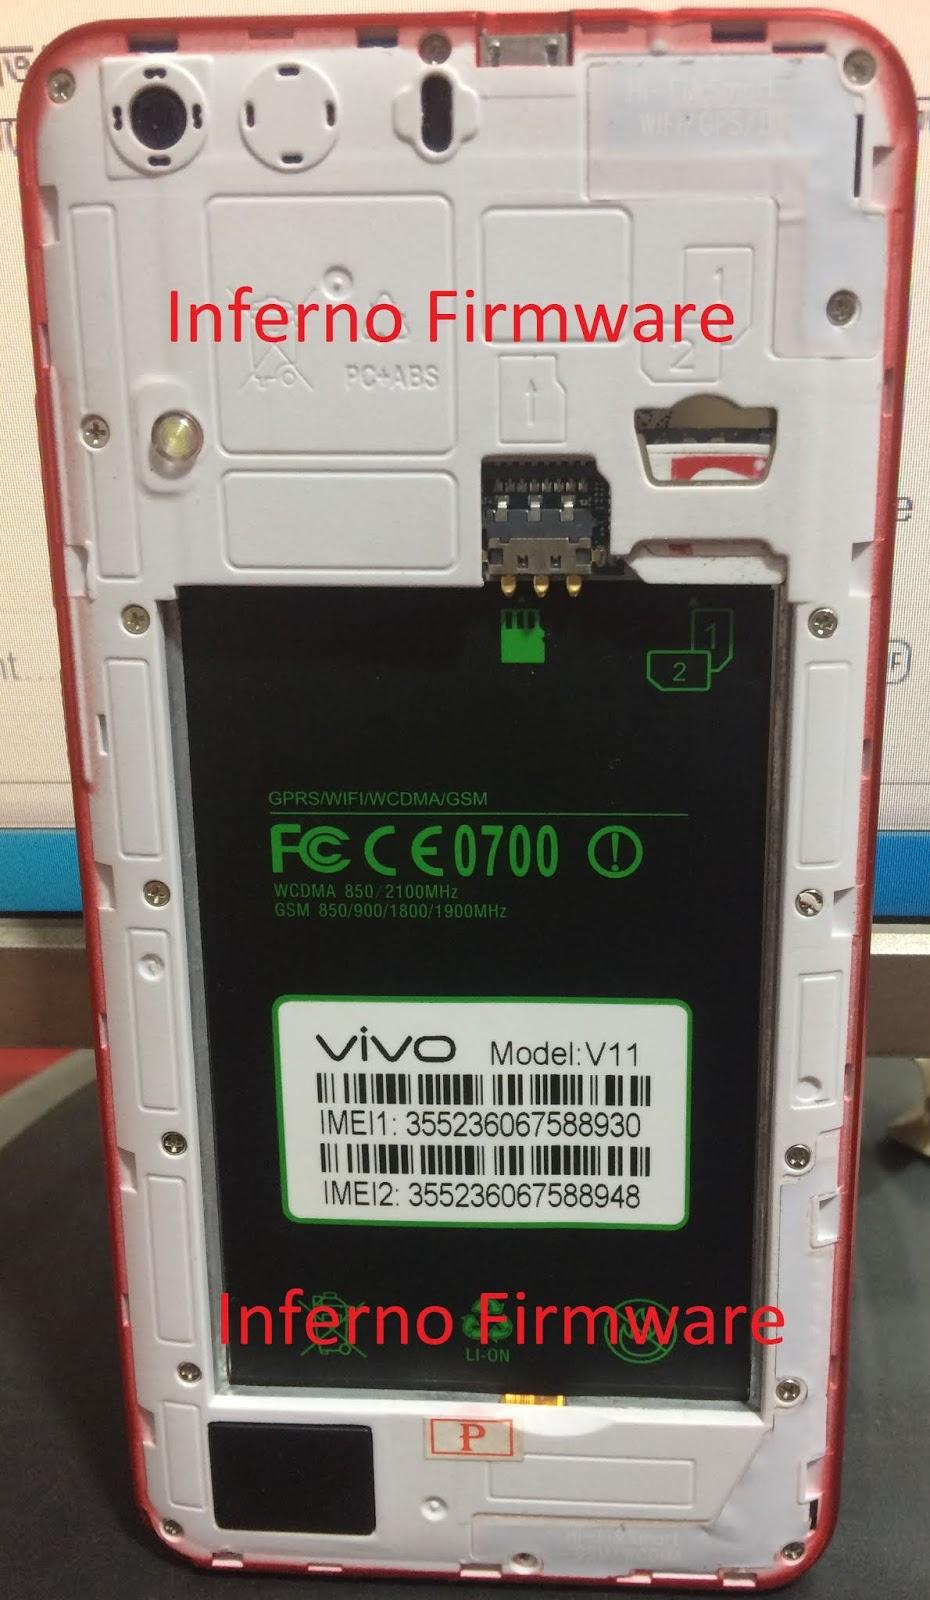 Inferno Firmware: vivo clone v11 MT6580 flash file